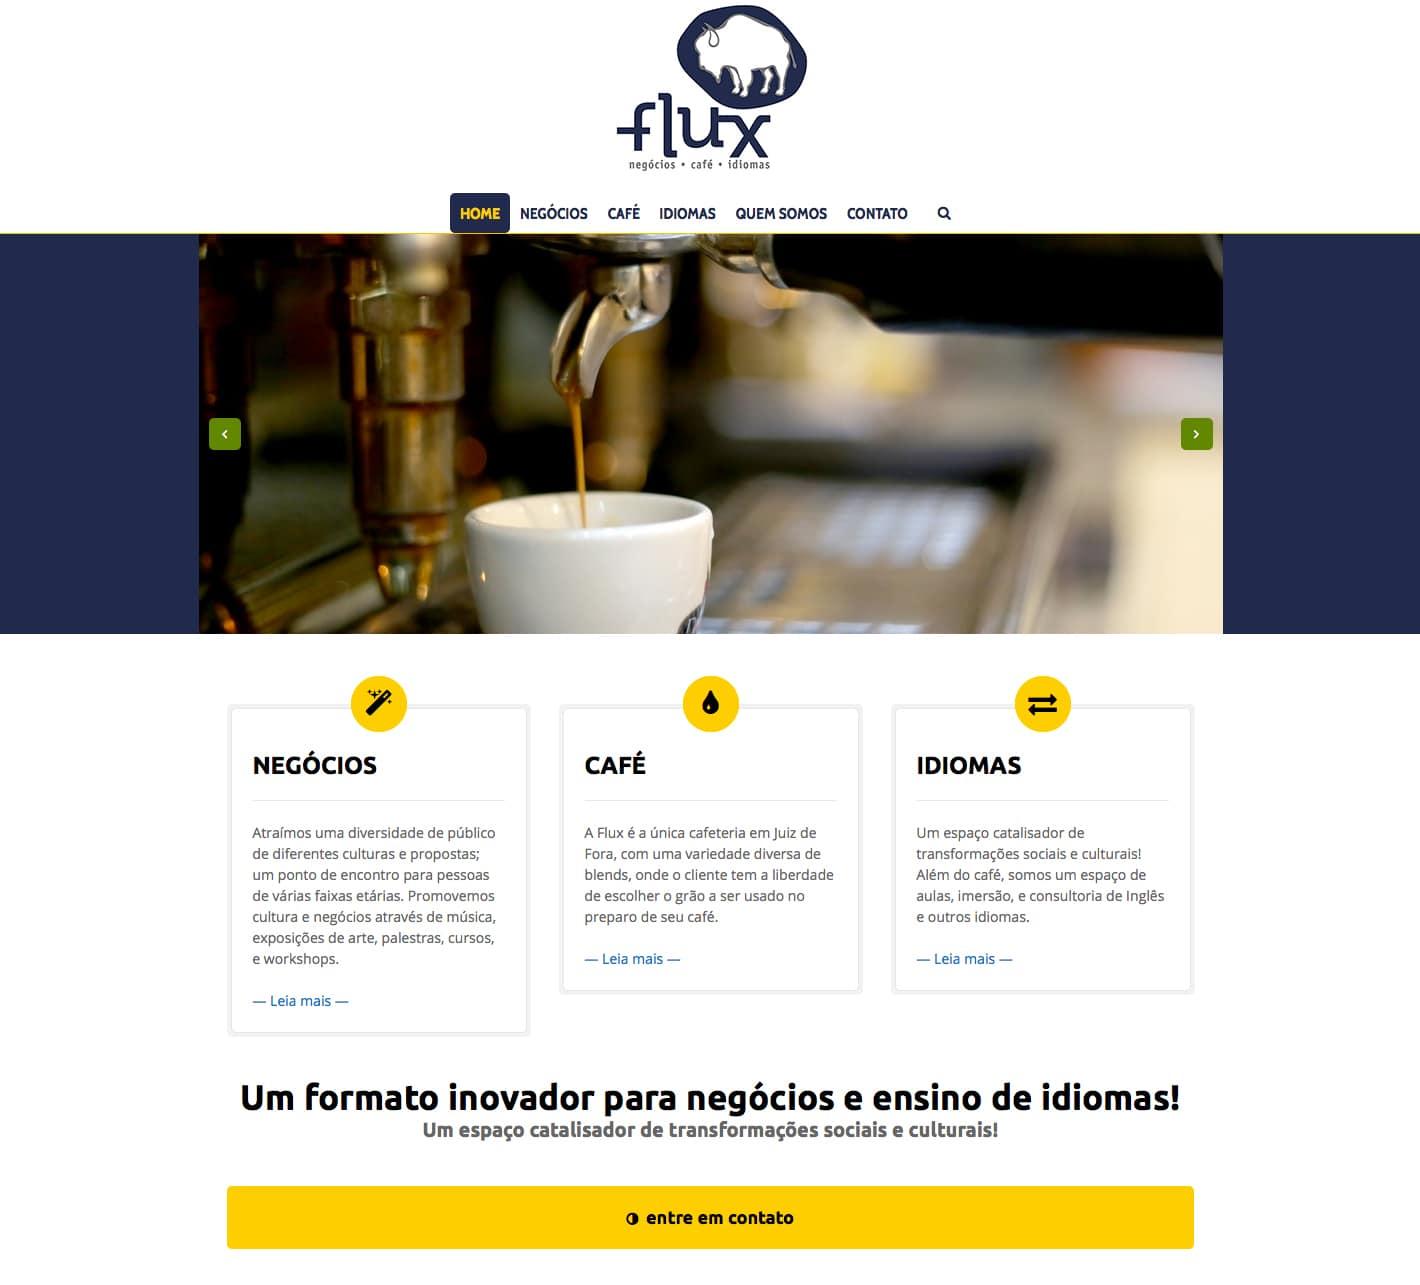 FLUX Cafe